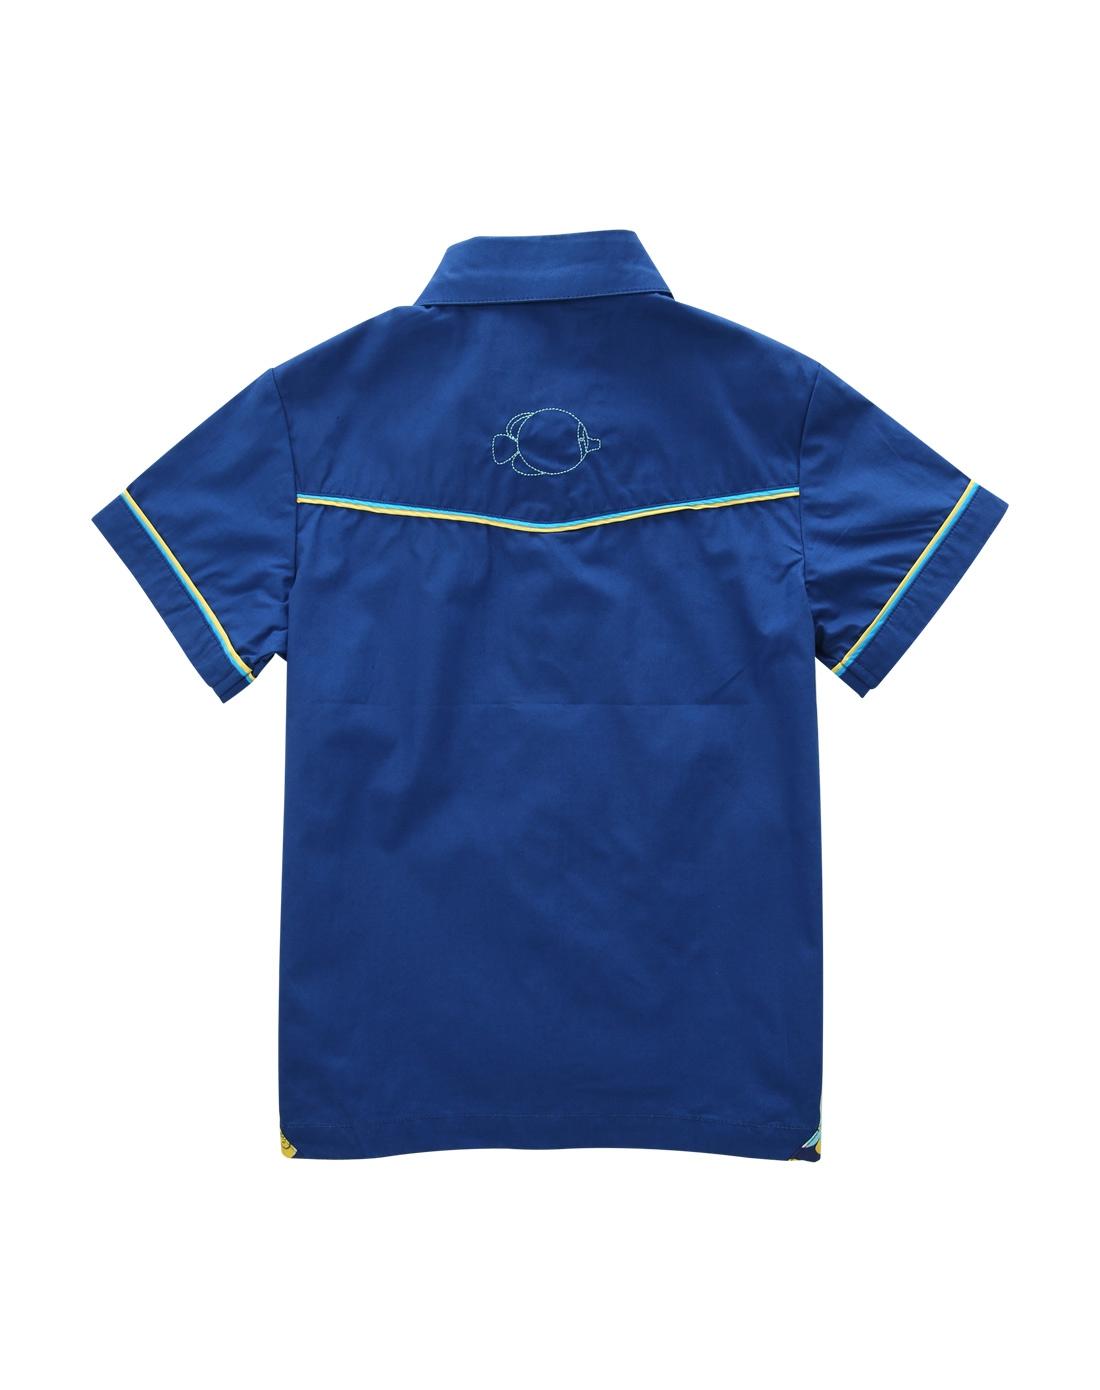 男小童海水蓝色辑边短袖儿童衬衫